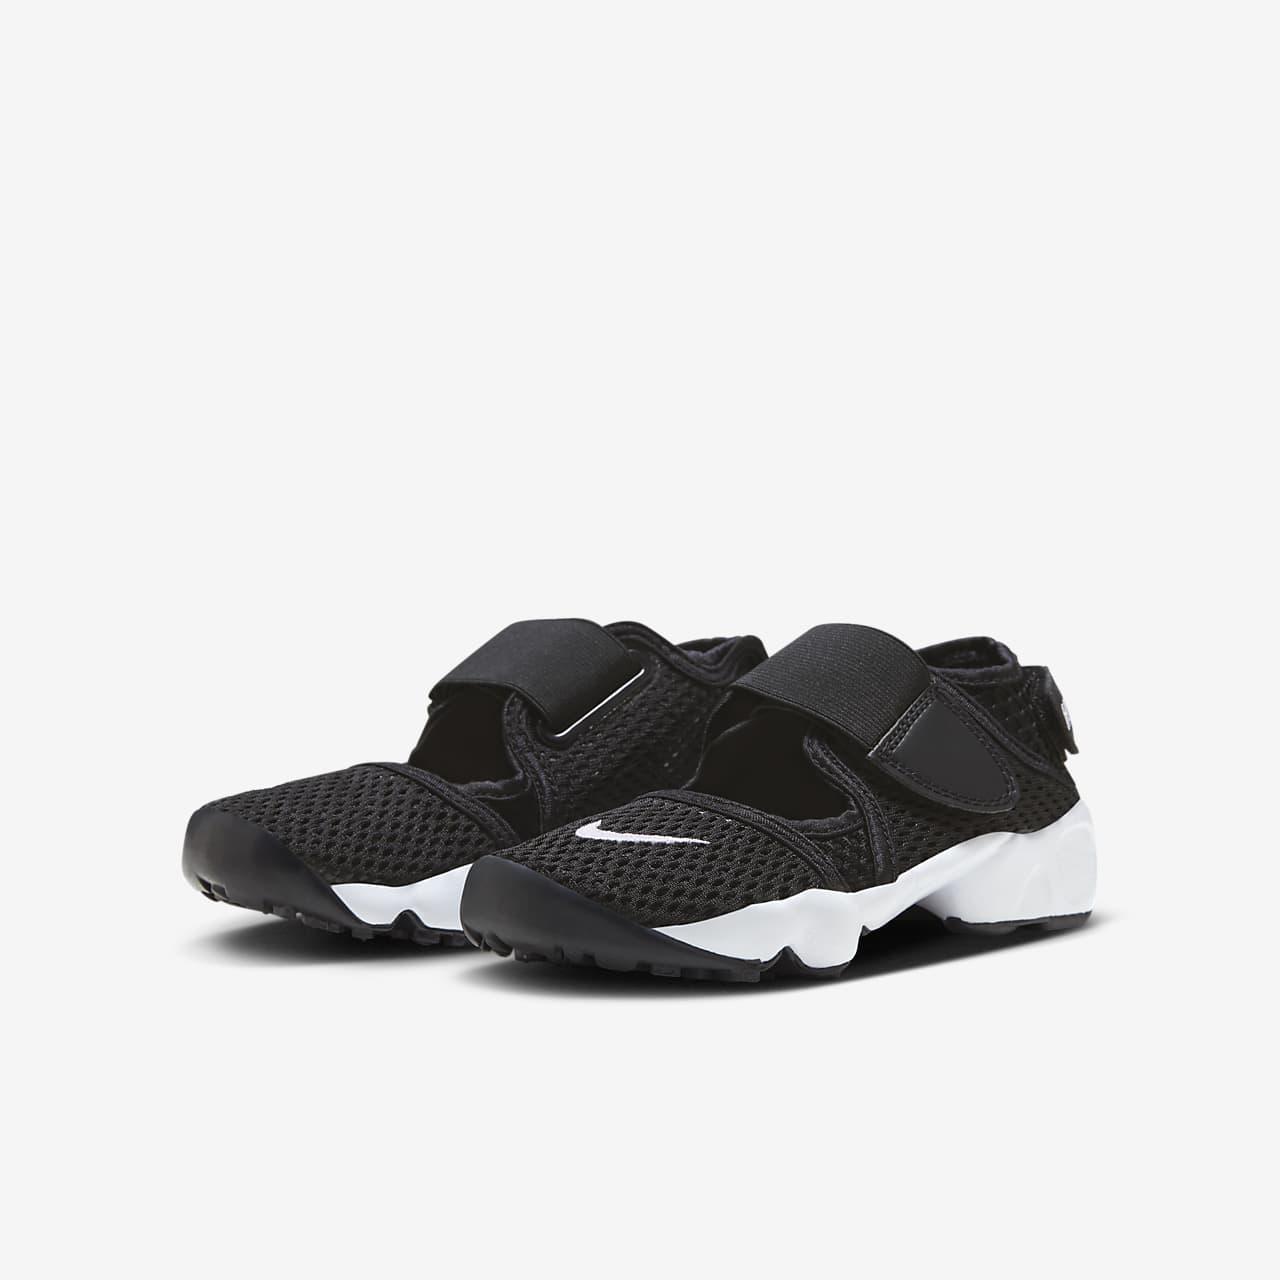 quality design 4834f 862df ... Nike Air Rift (10.5c-3y) Kids  Shoe